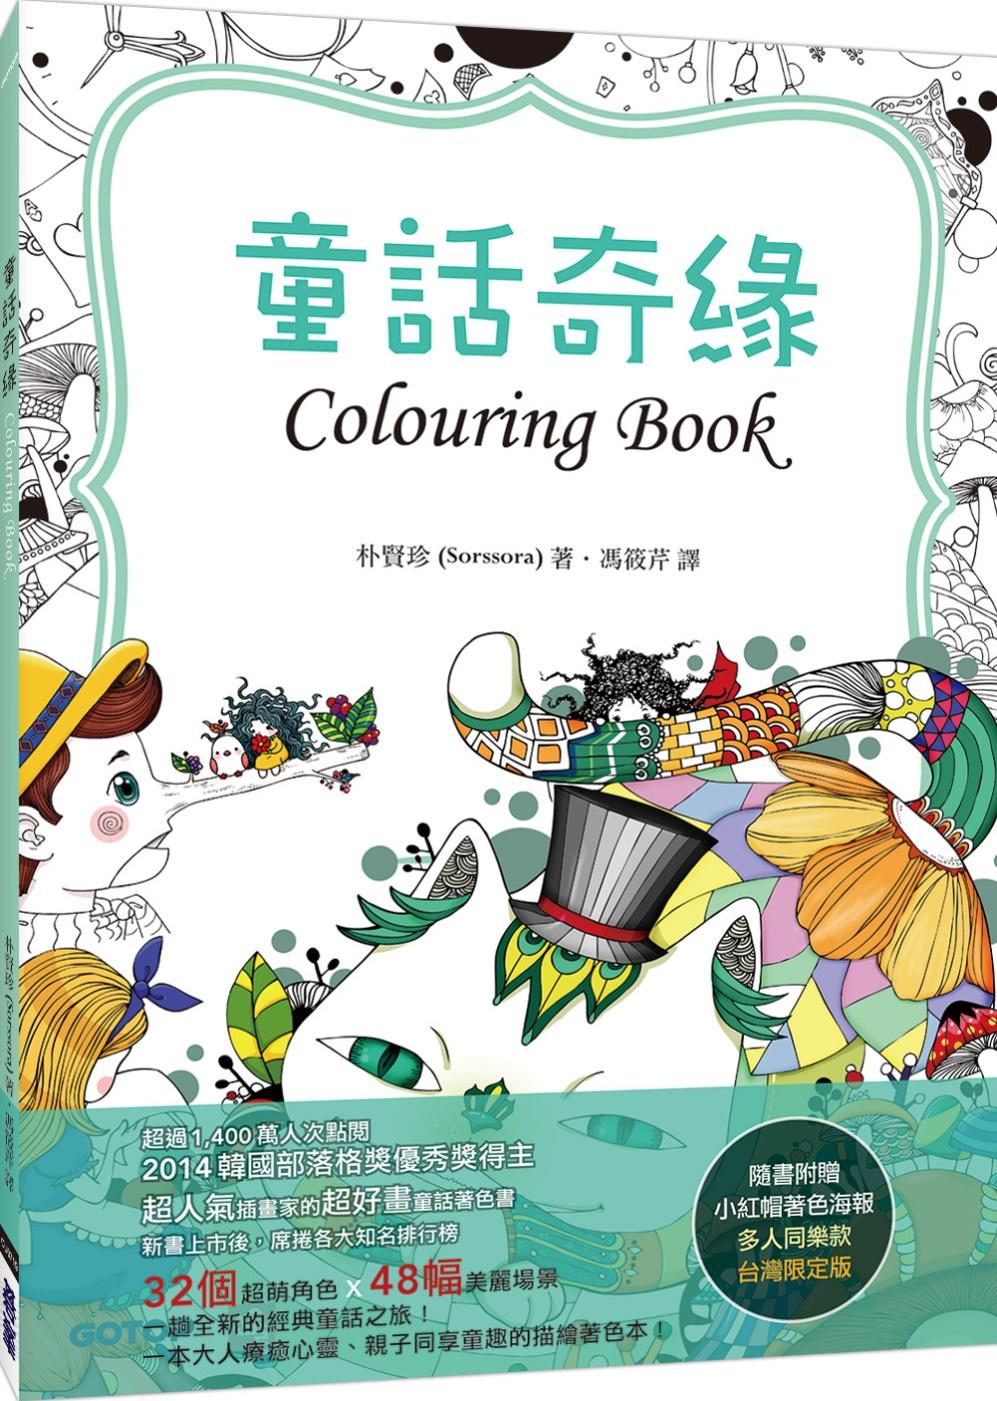 童話奇緣(超過1,400萬人次點閱的超人氣插畫家著色書,獨家附贈台灣限定版小紅帽著色海報)